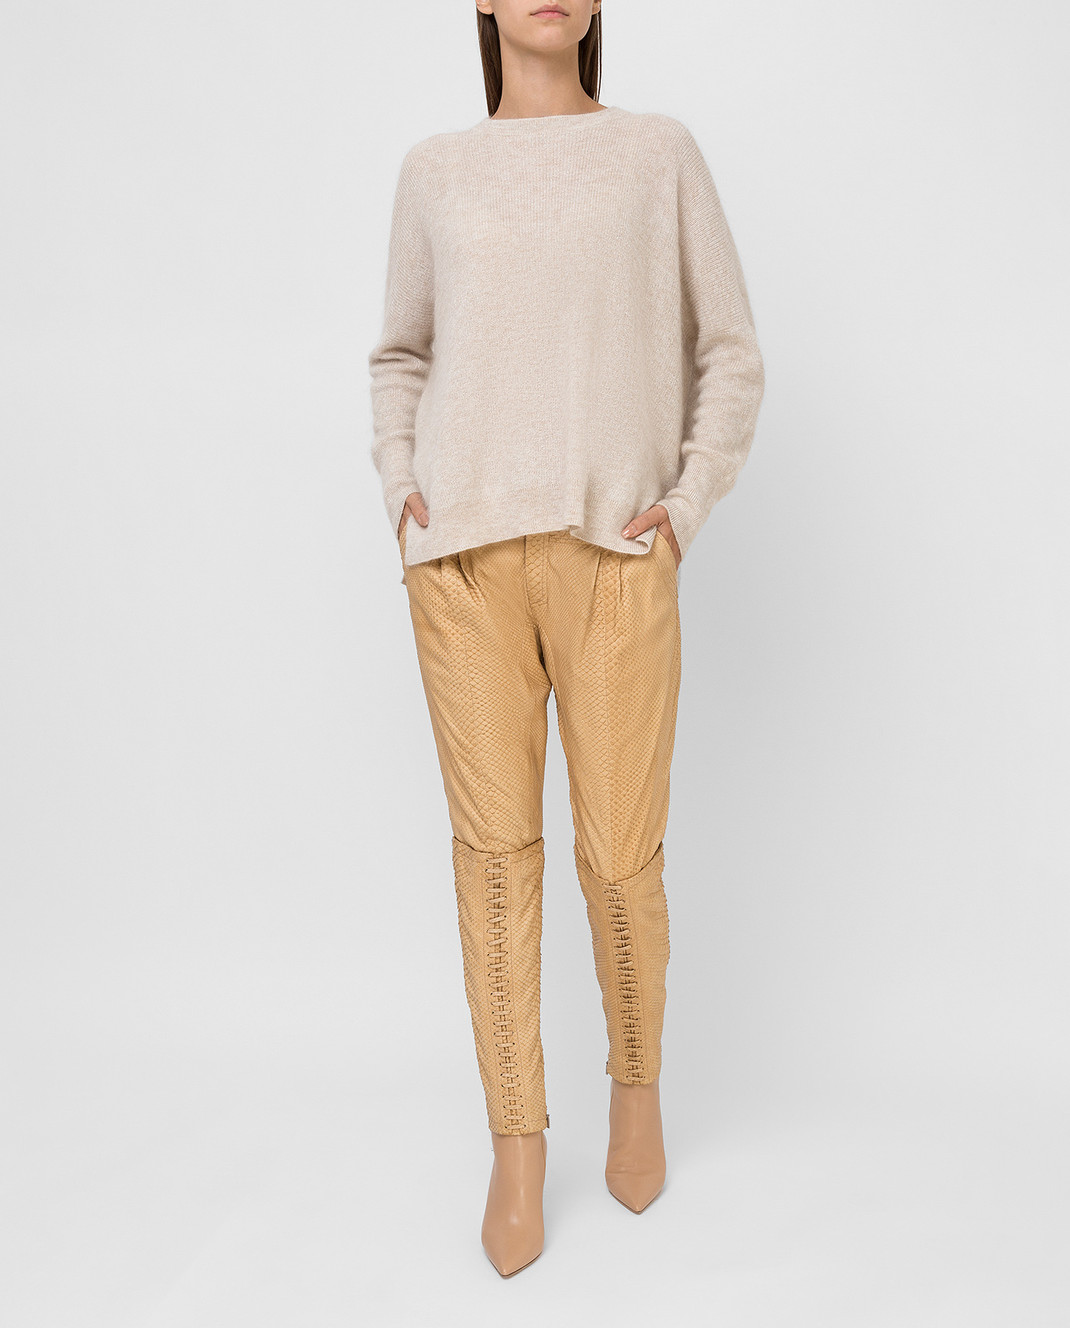 Gucci Бежевые брюки из кожи питона изображение 2